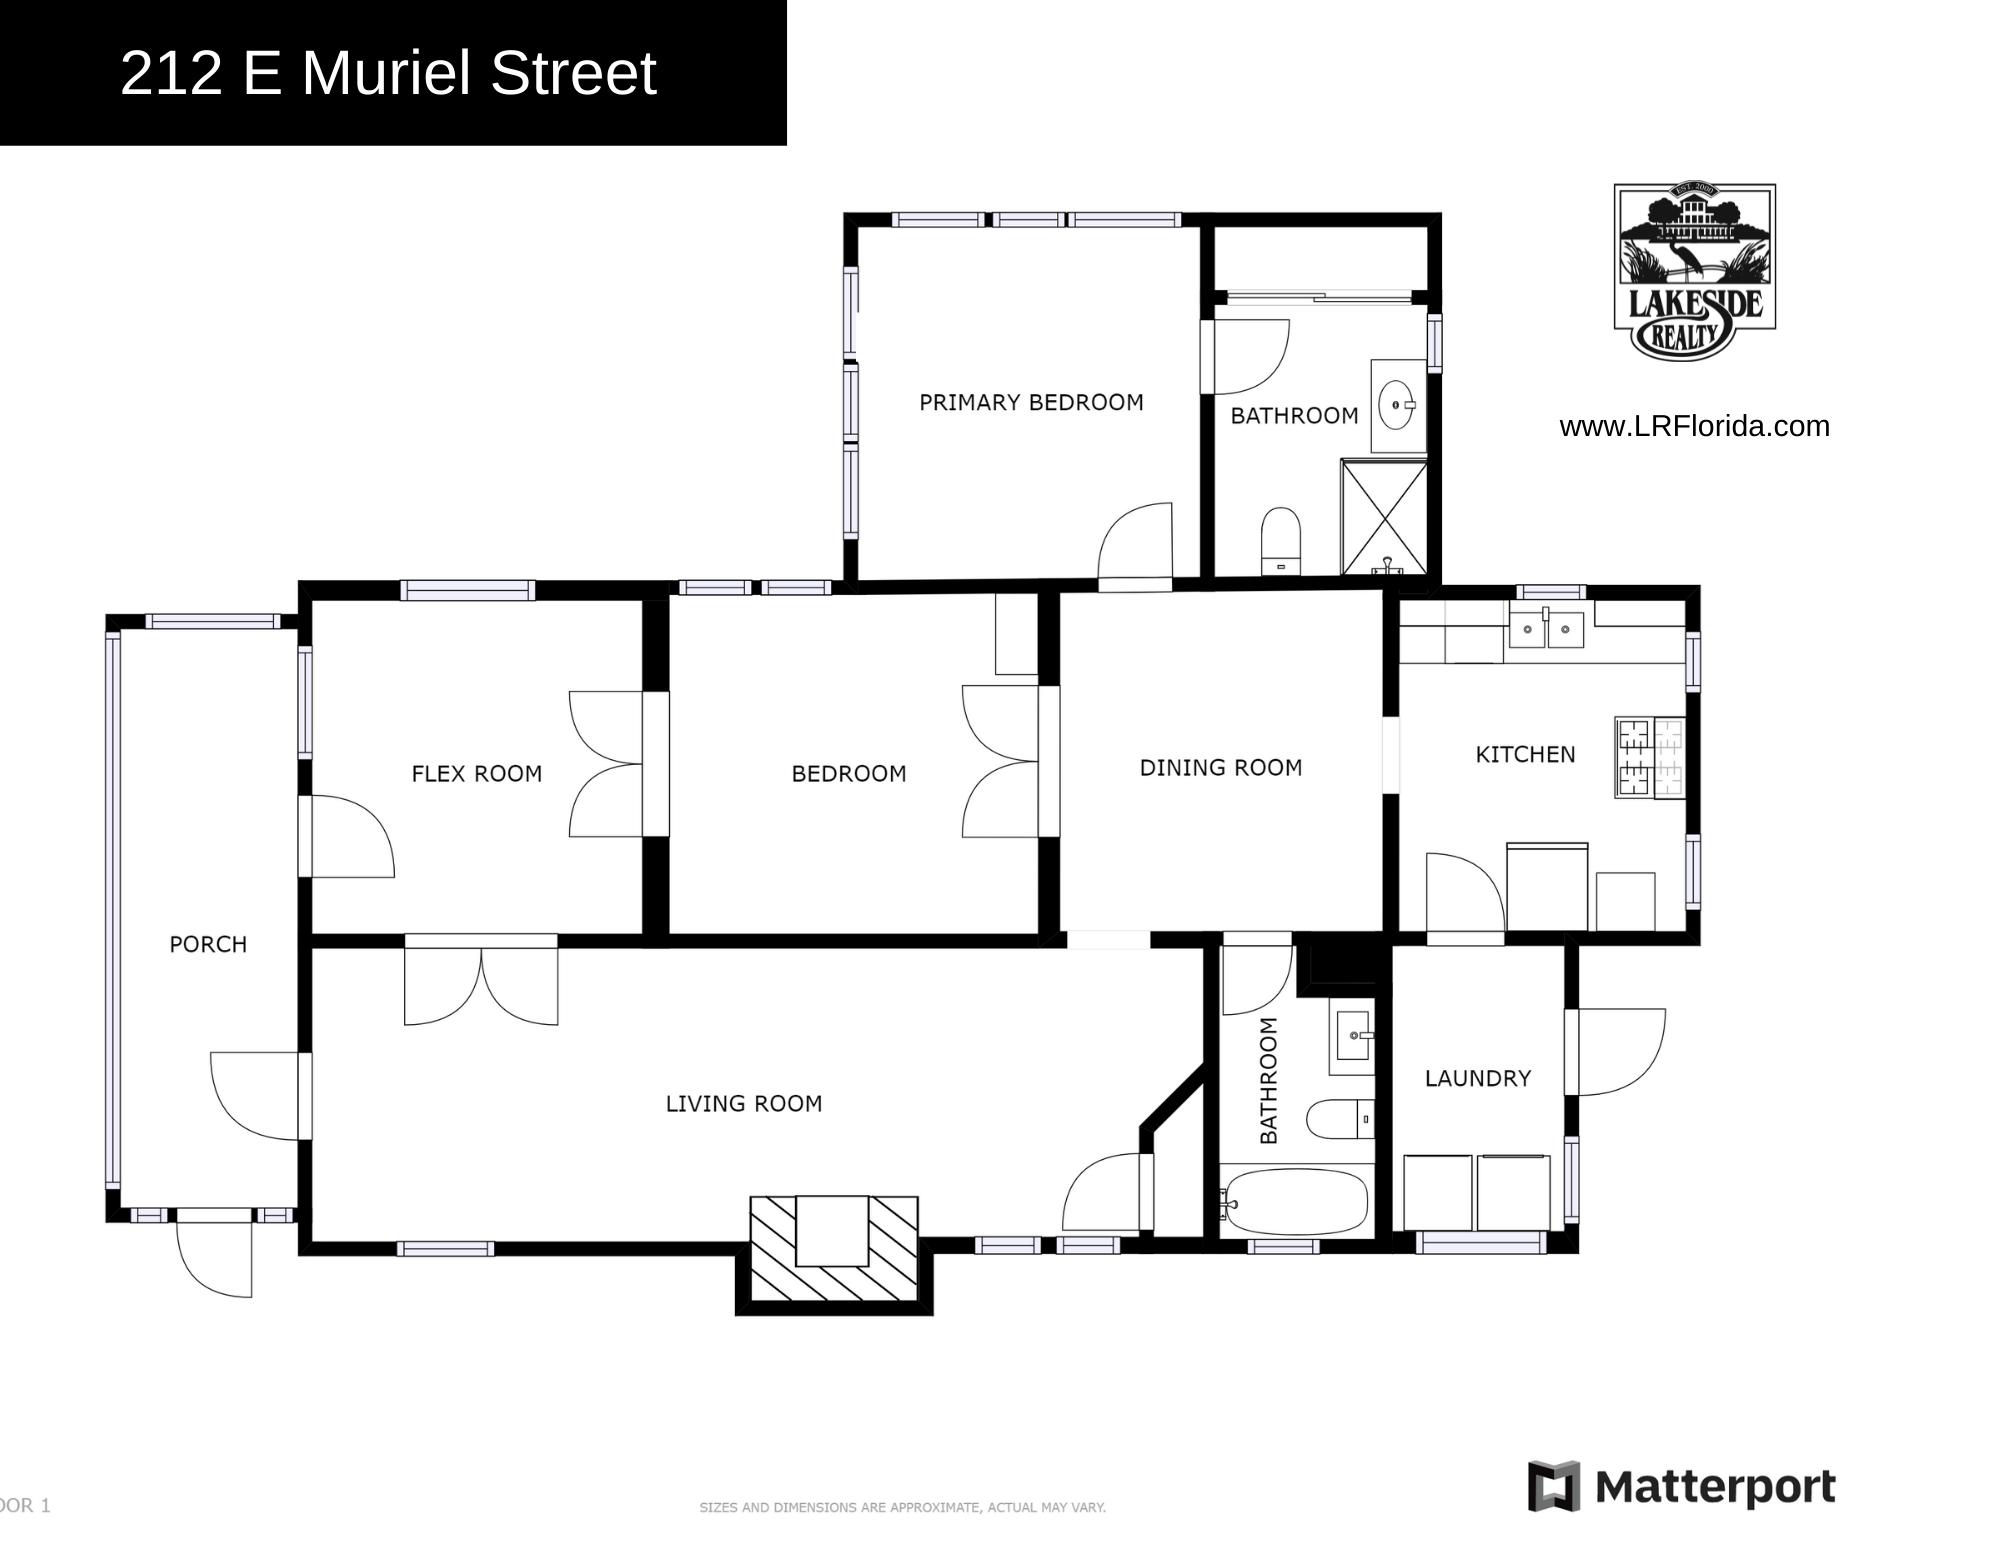 212 E Muriel Street_Floor Plan